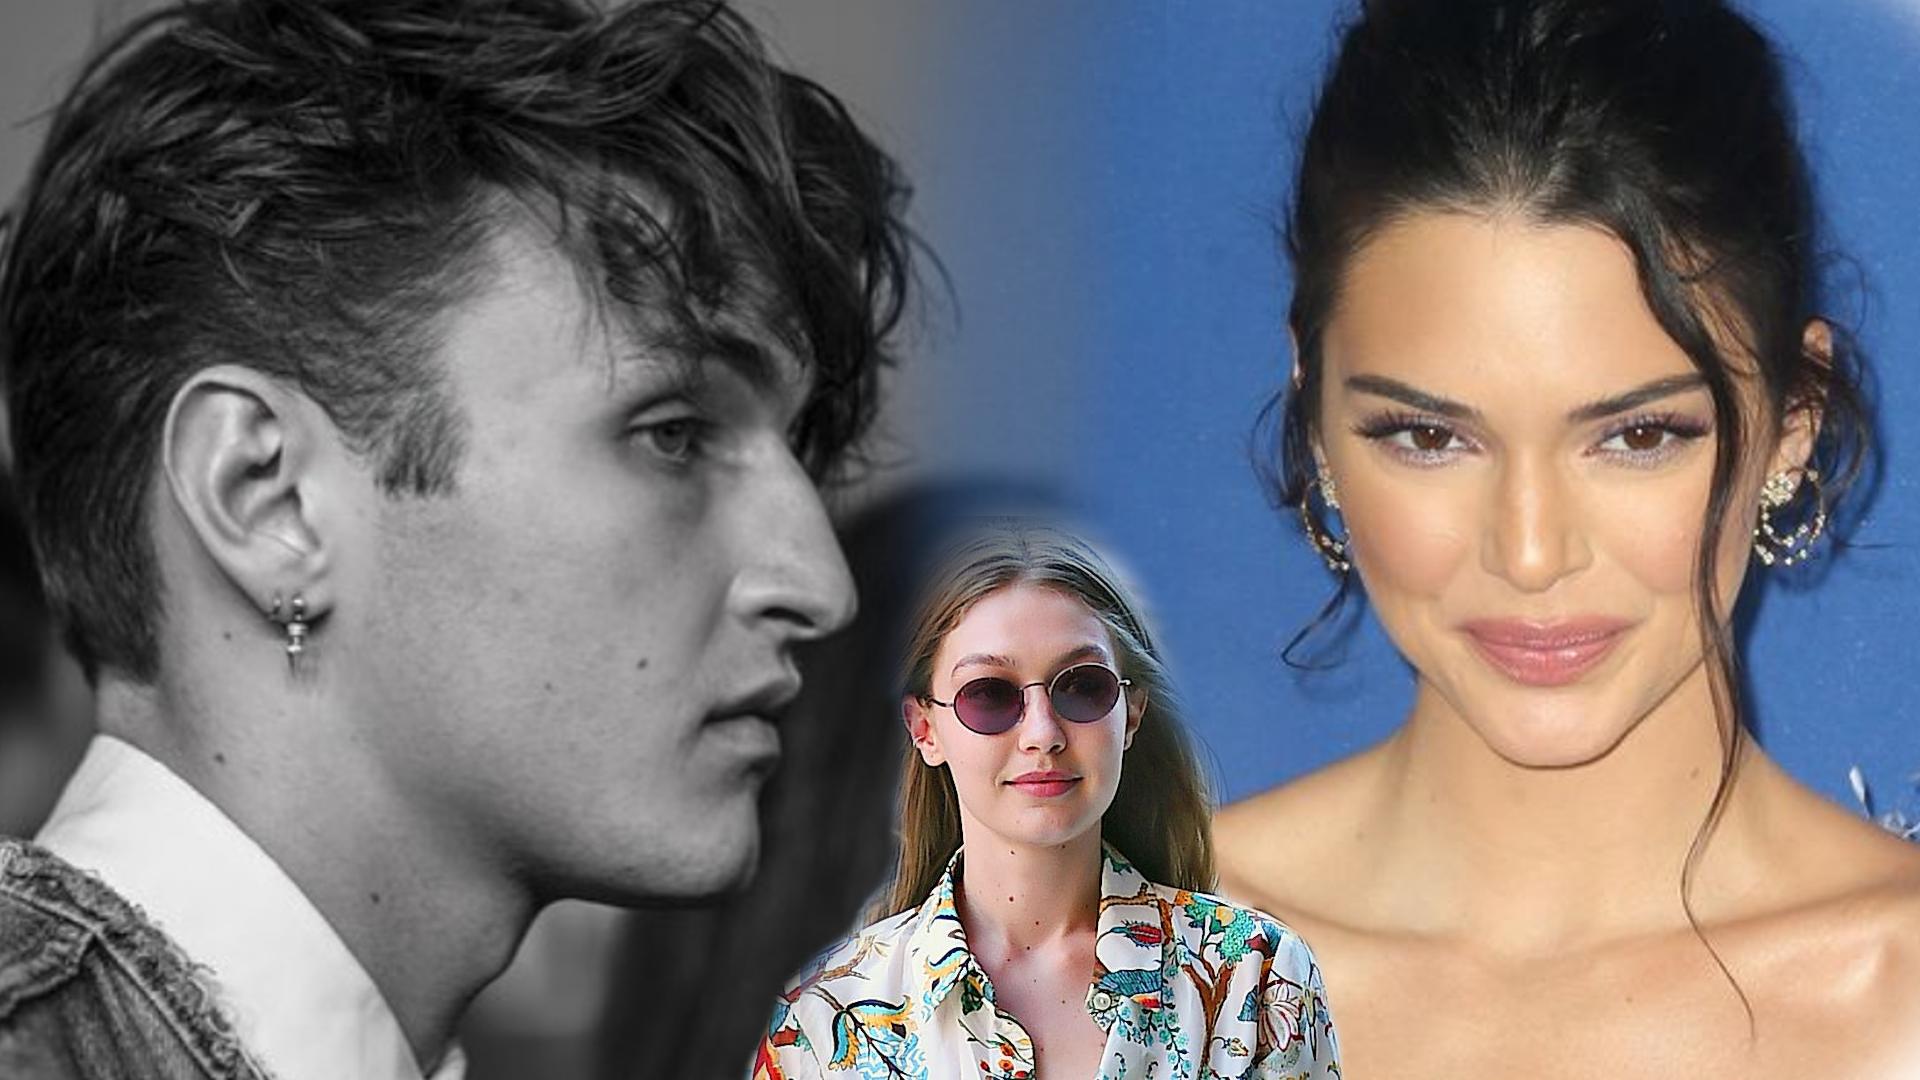 Siostry Hadid do Kendall Jenner: zostaw naszego brata w SPOKOJU!